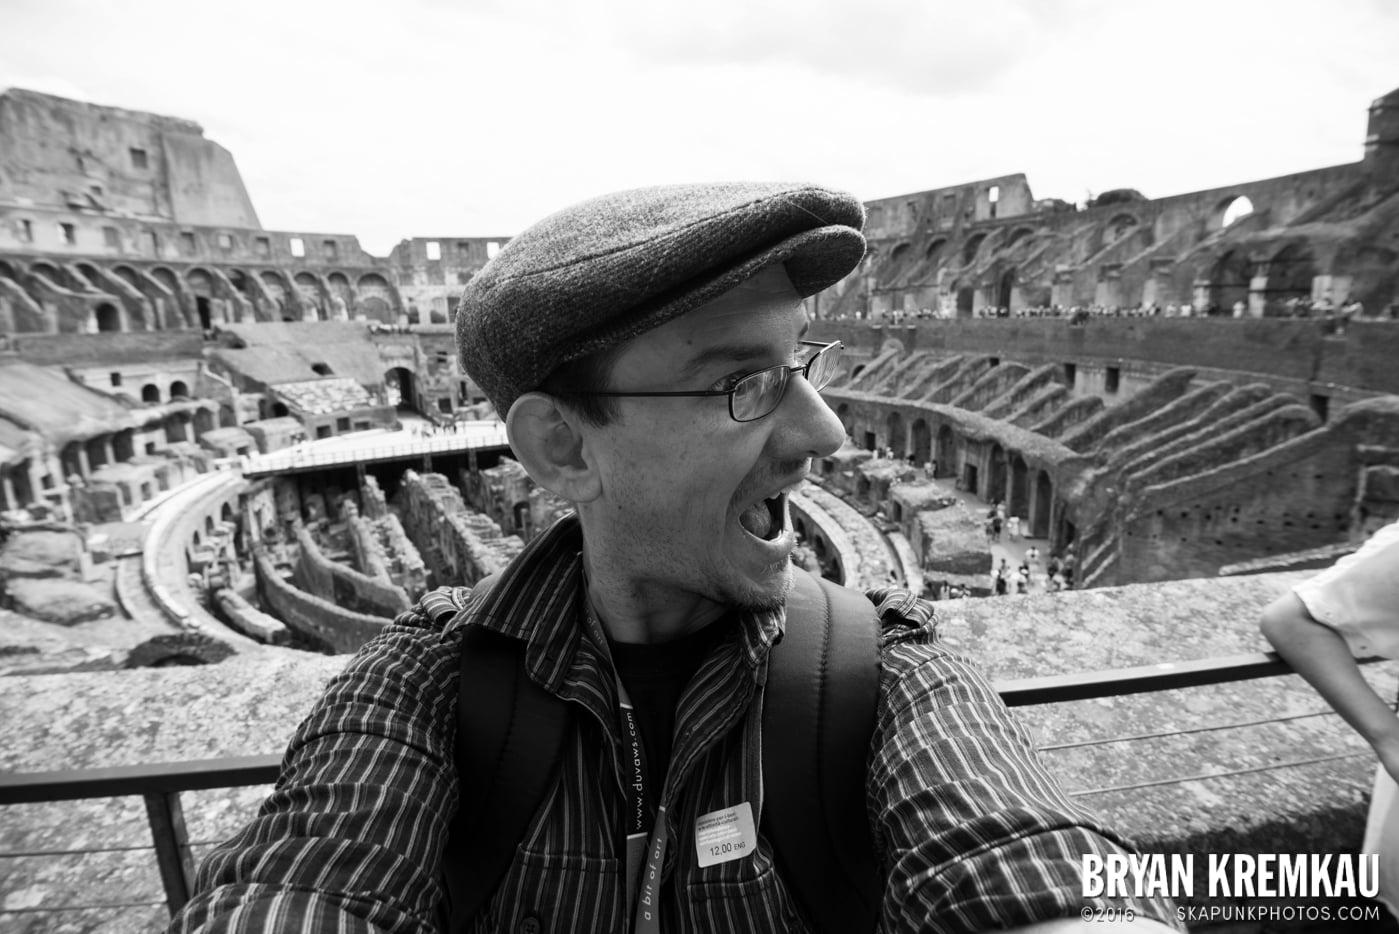 Italy Vacation - Day 2: Rome - 9.10.13 (54)